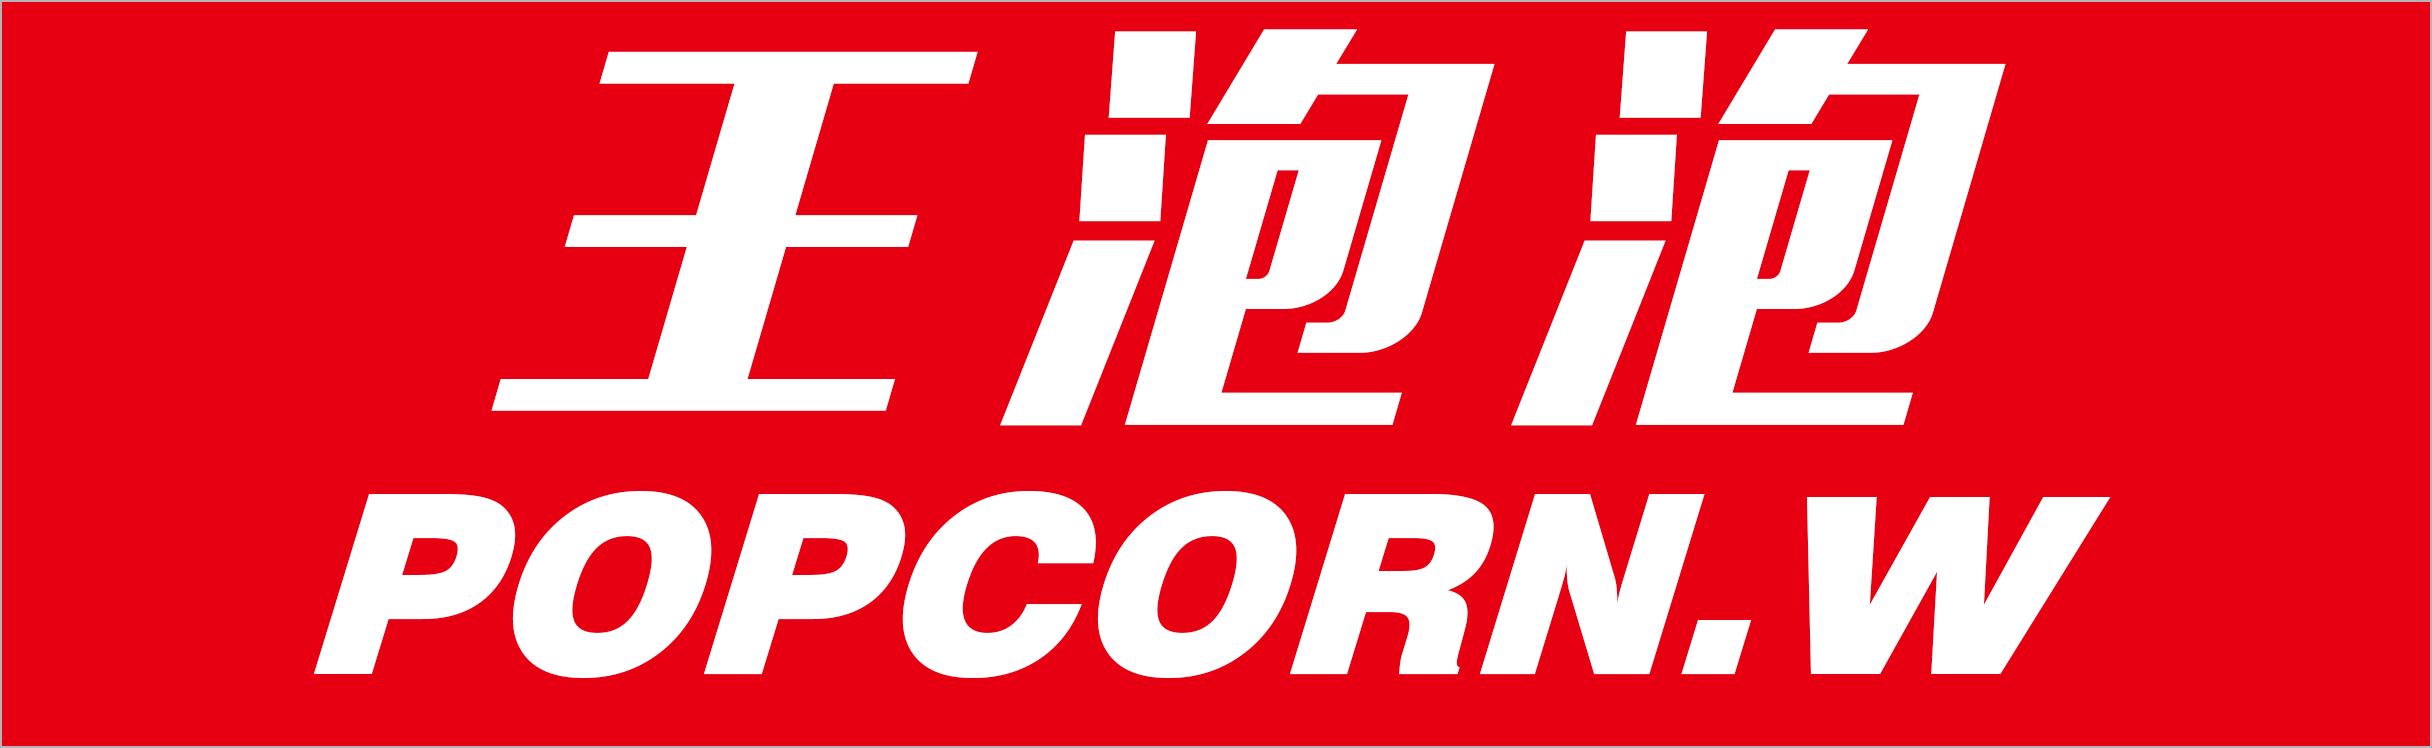 POPCORN.W 王泡泡女鞋长期招代理